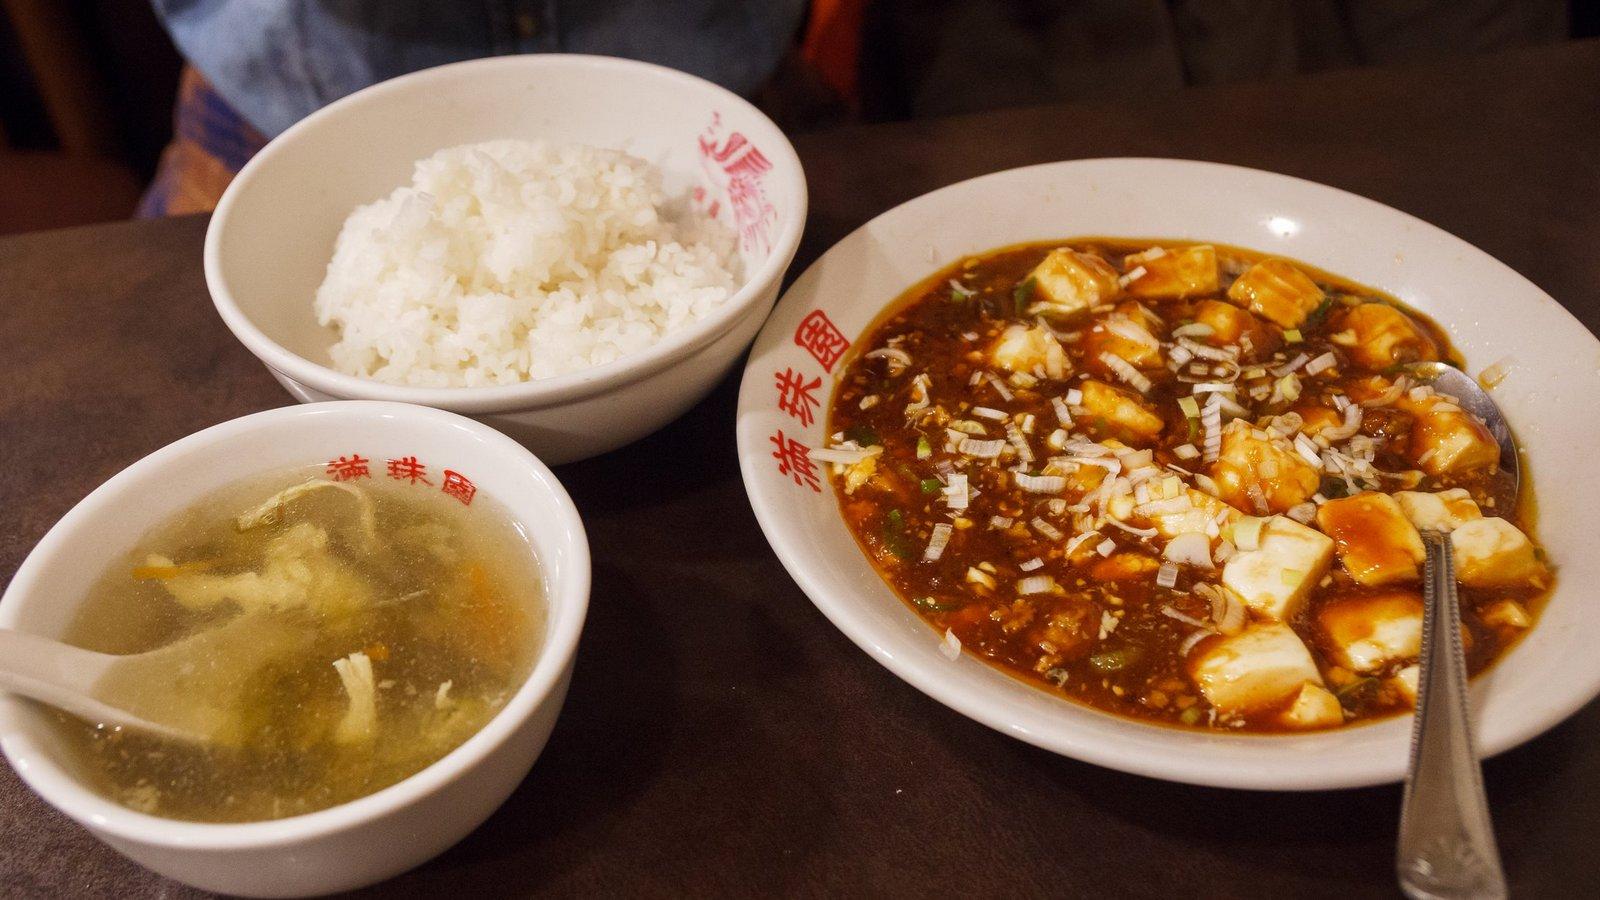 【橫濱美食】中華街 保昌 中國料理 》日本藝人、大胃女王推薦名店 1